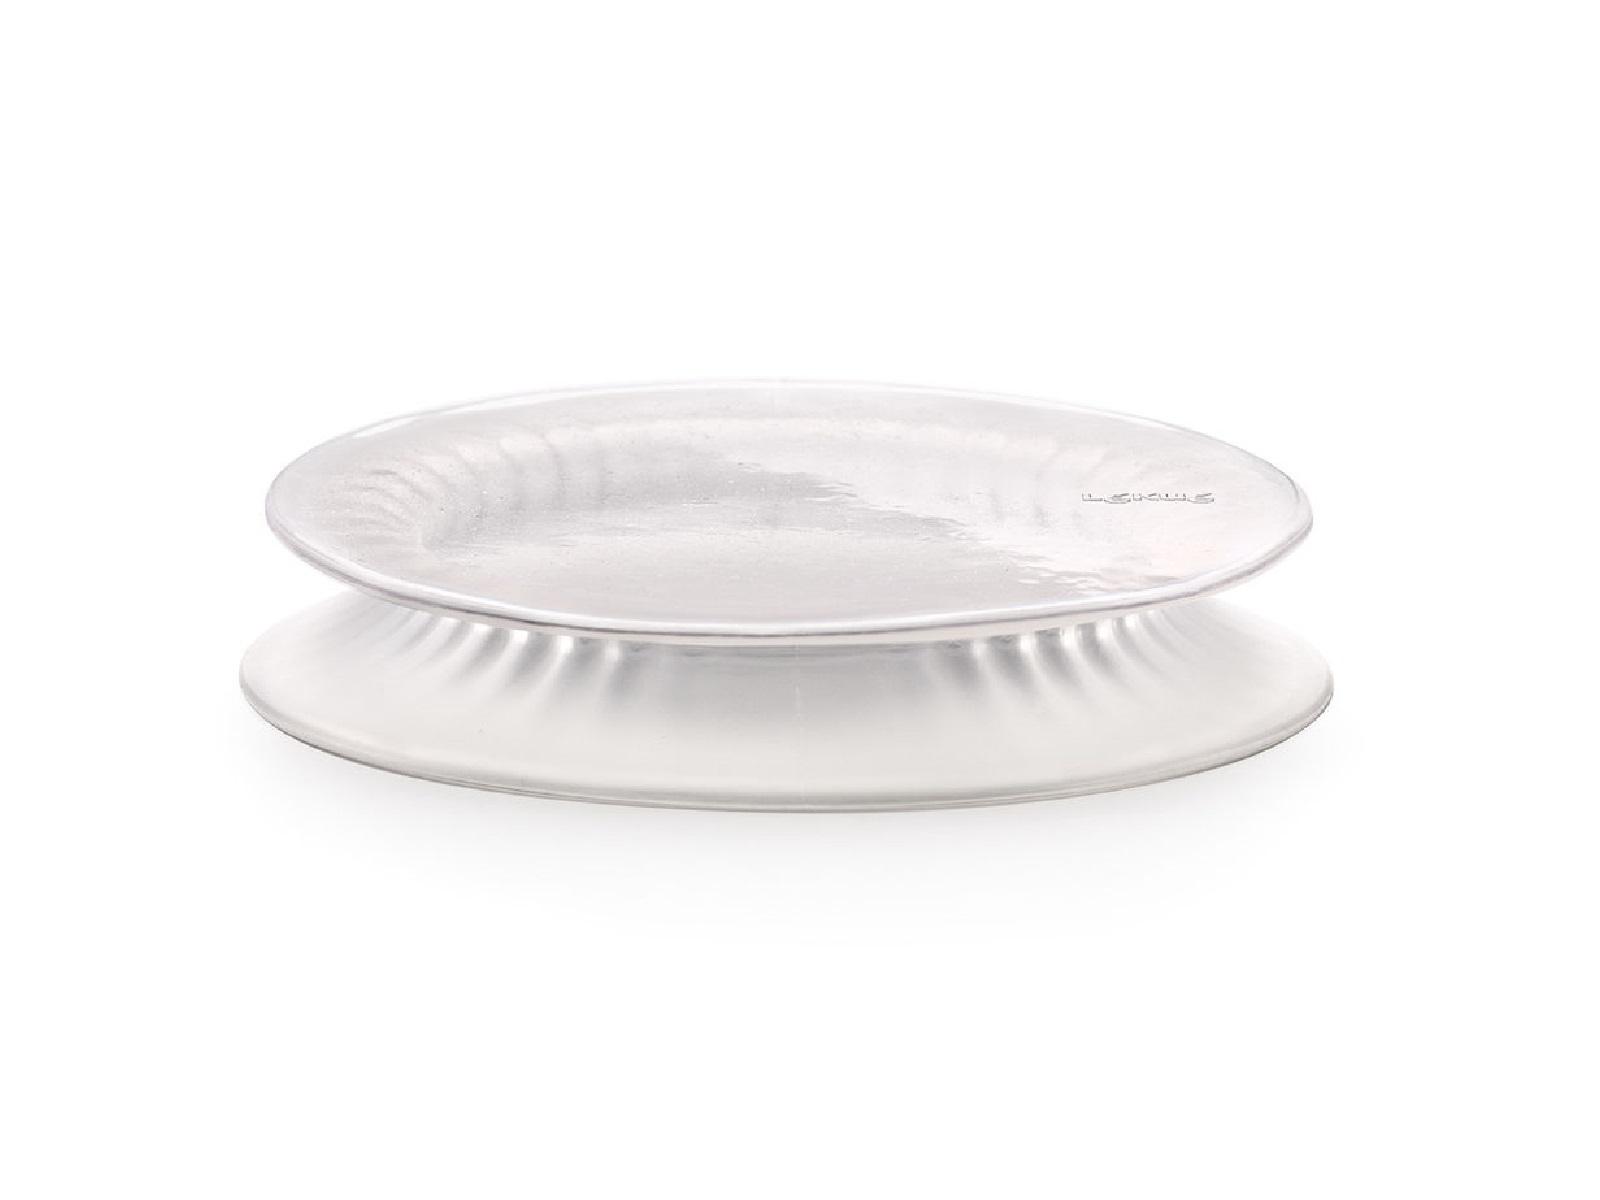 Онлайн каталог PROMENU: Крышка эластичная Lekue LIDS, диаметр до 20 см, белый Lekue 3401420B04U017